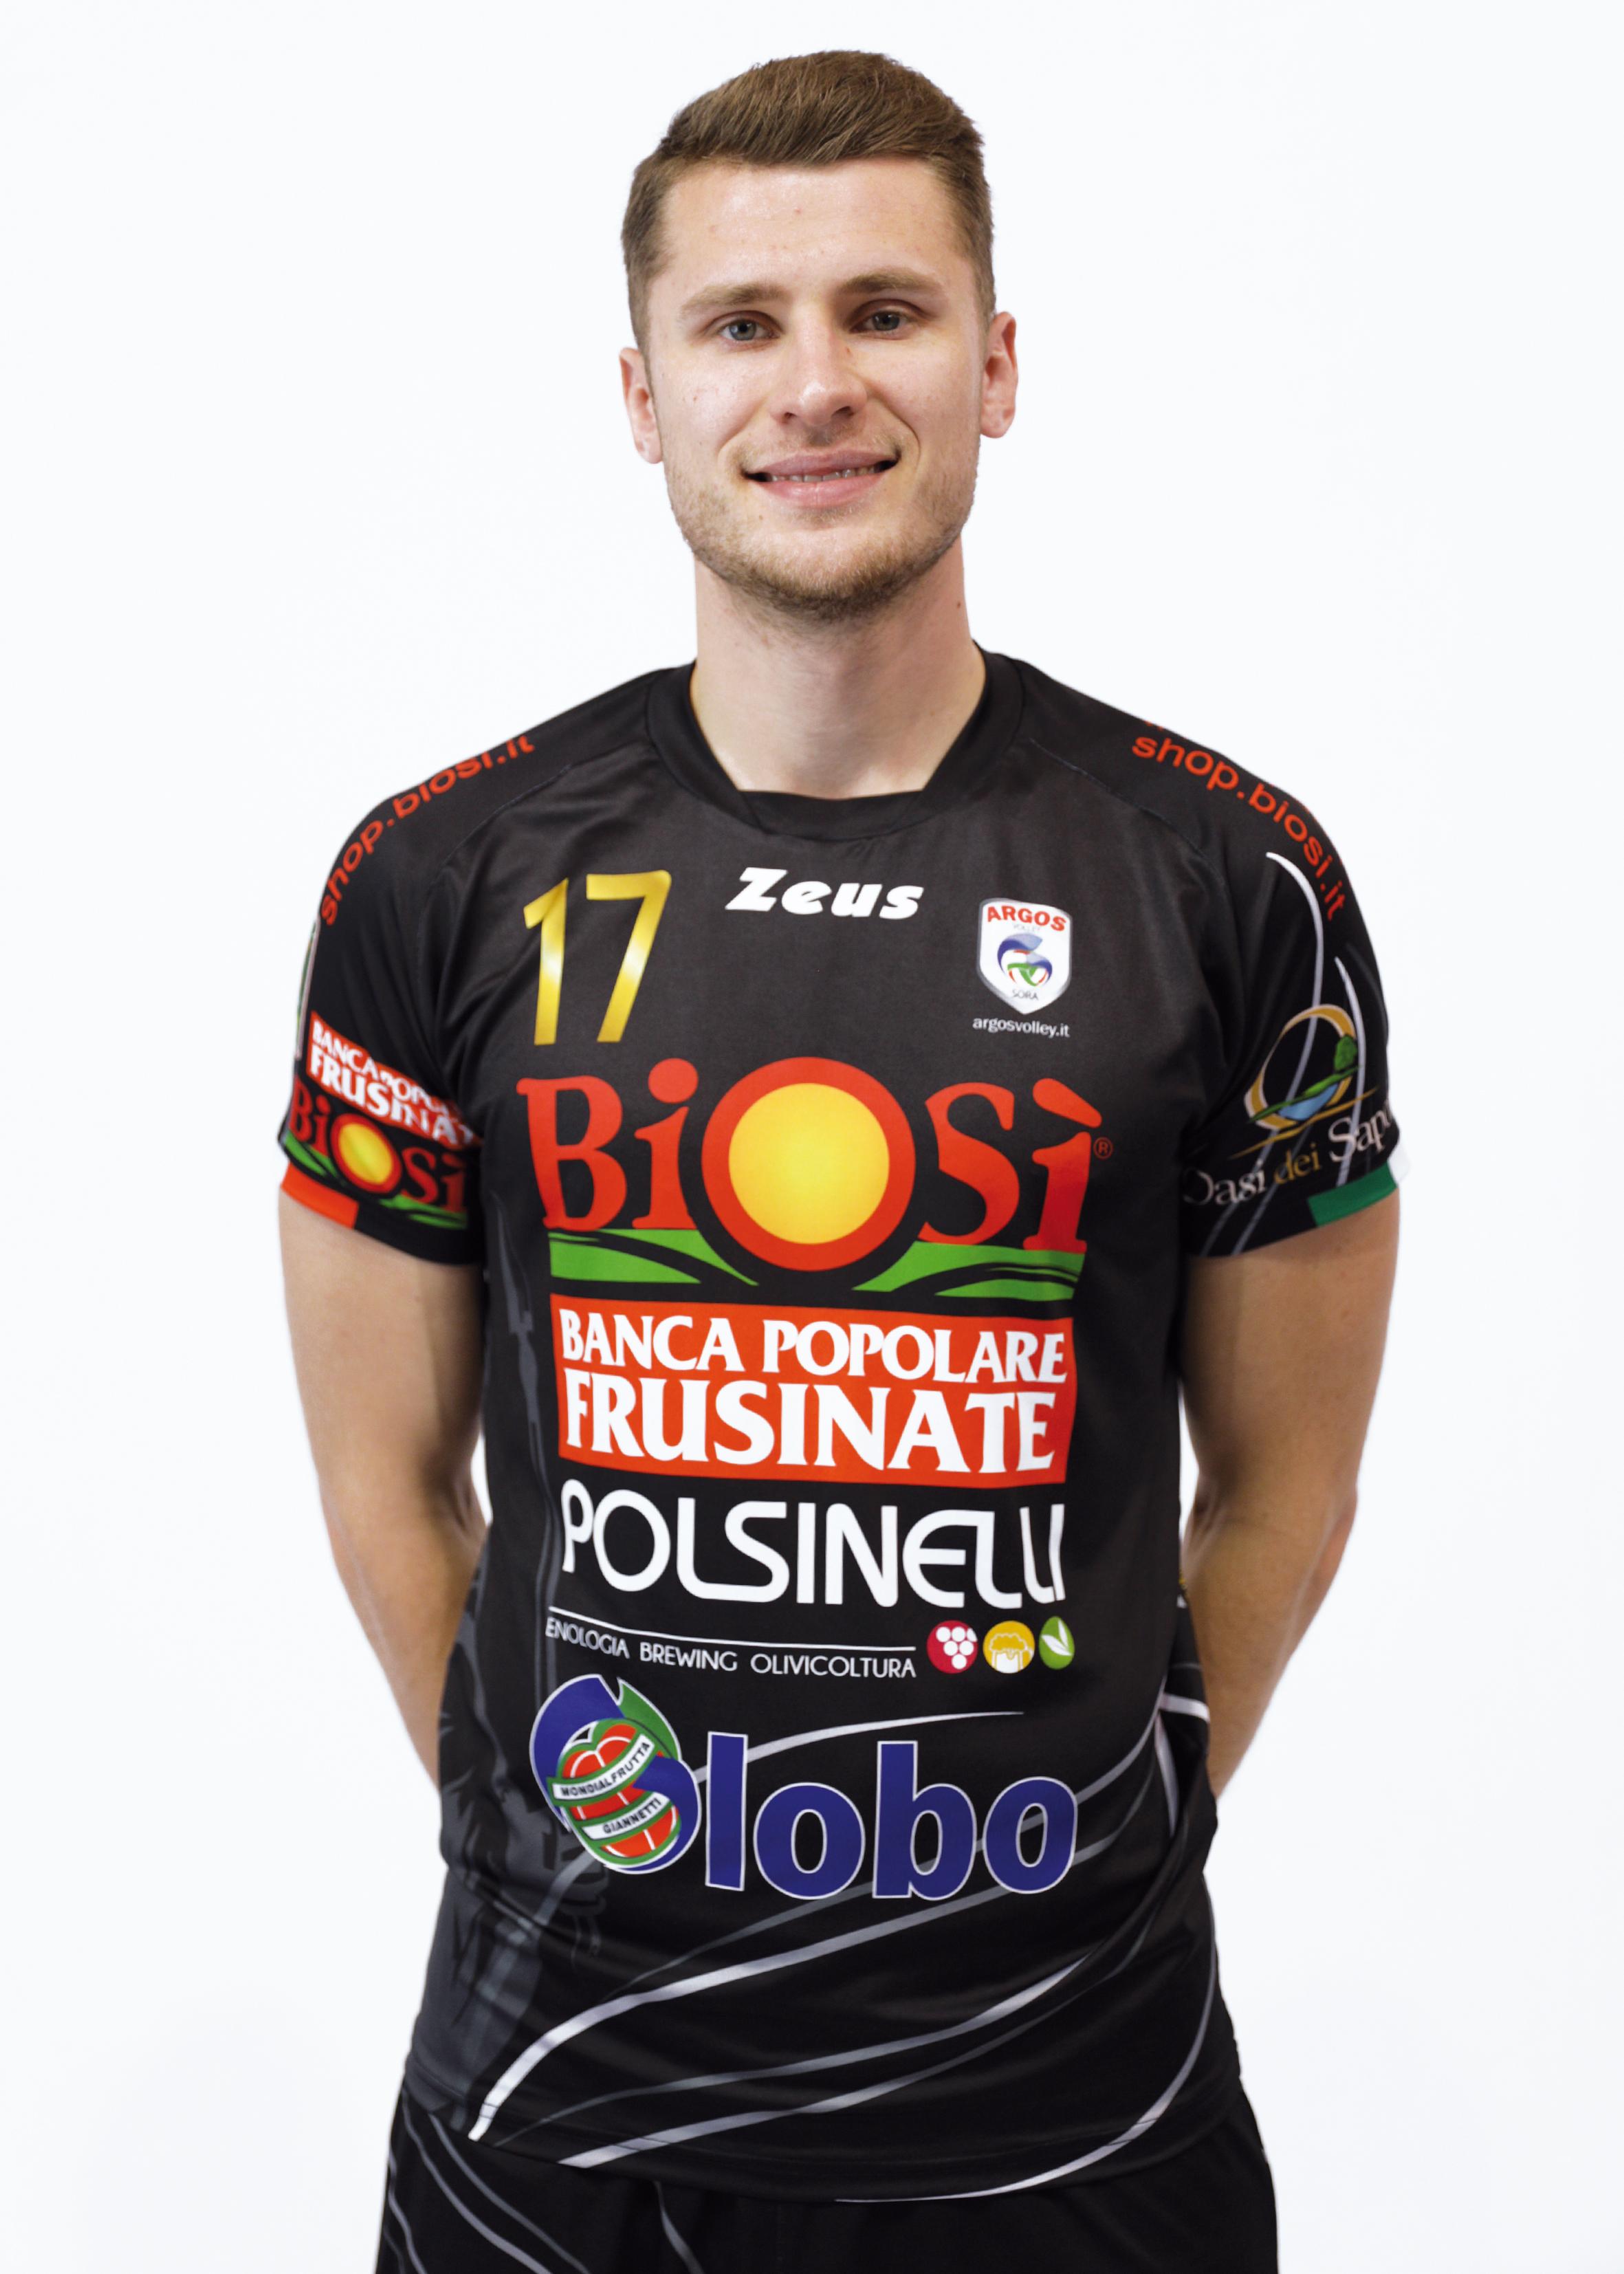 Miskevich Radzivon